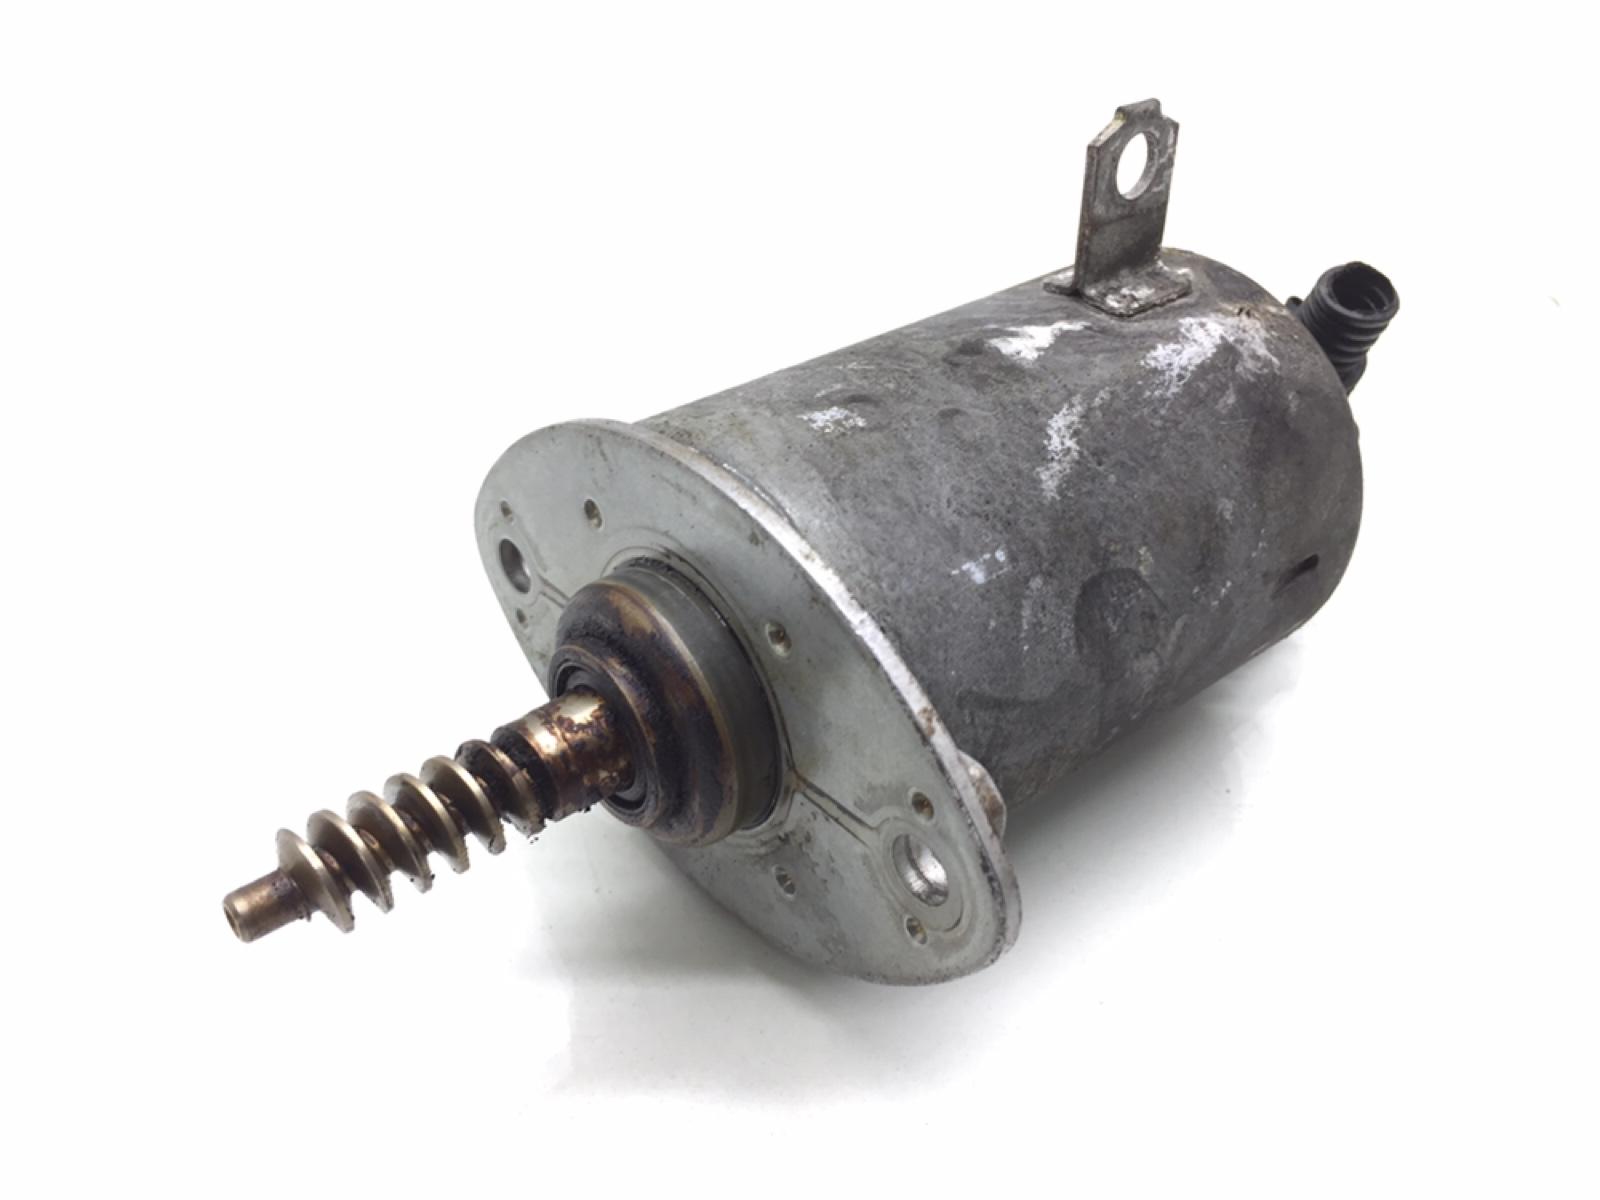 Моторчик vvt (эксцентрикового вала) Bmw 3 E90 2.5 I 2005 (б/у)